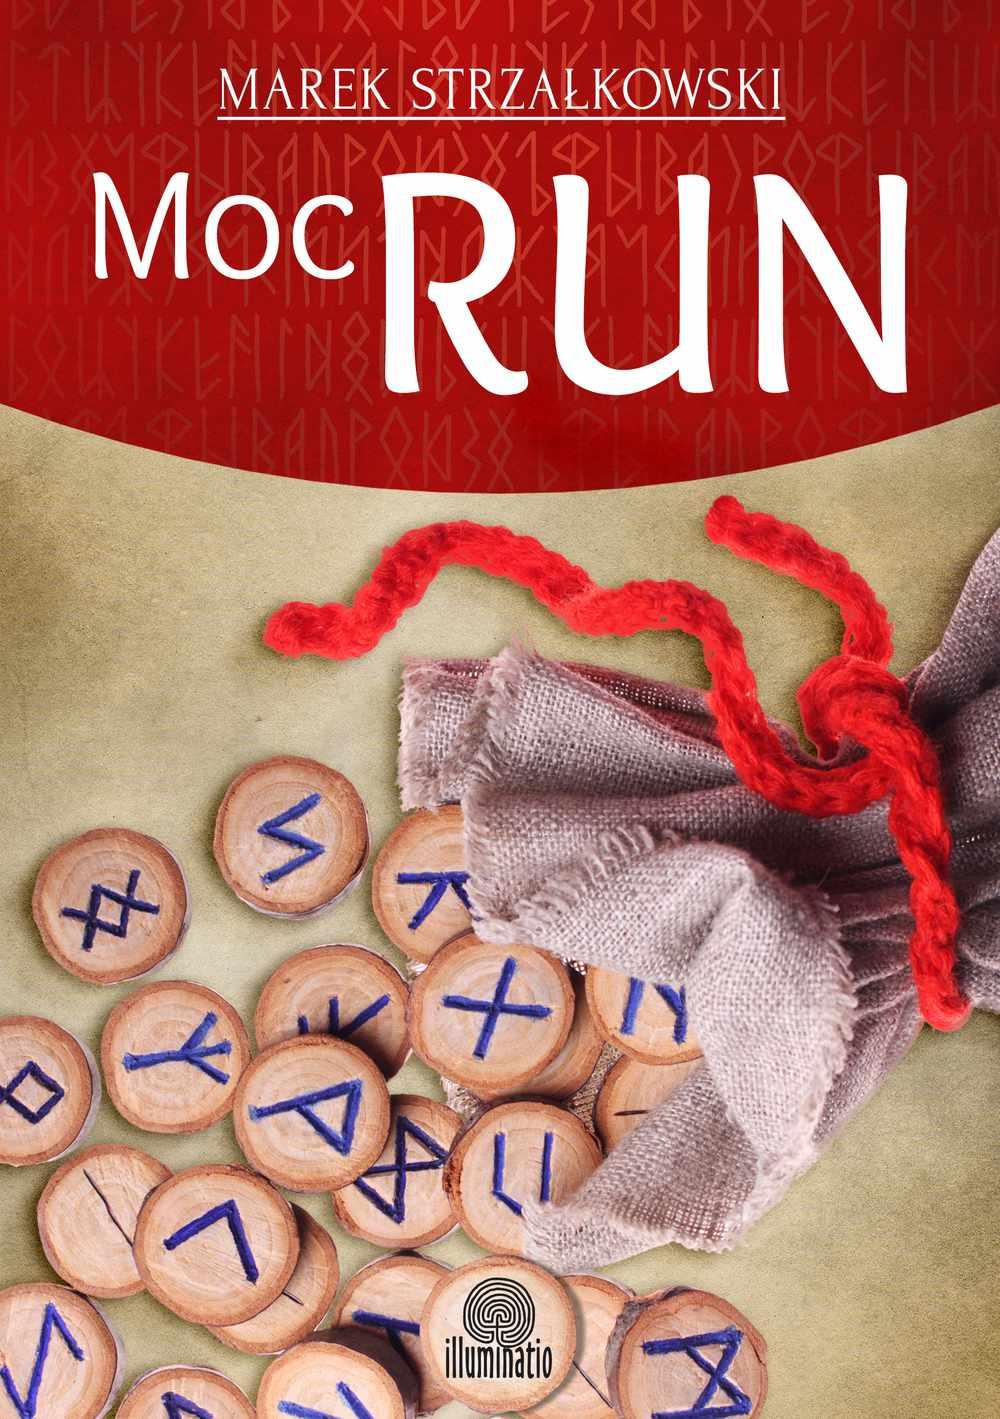 Moc run - Ebook (Książka EPUB) do pobrania w formacie EPUB